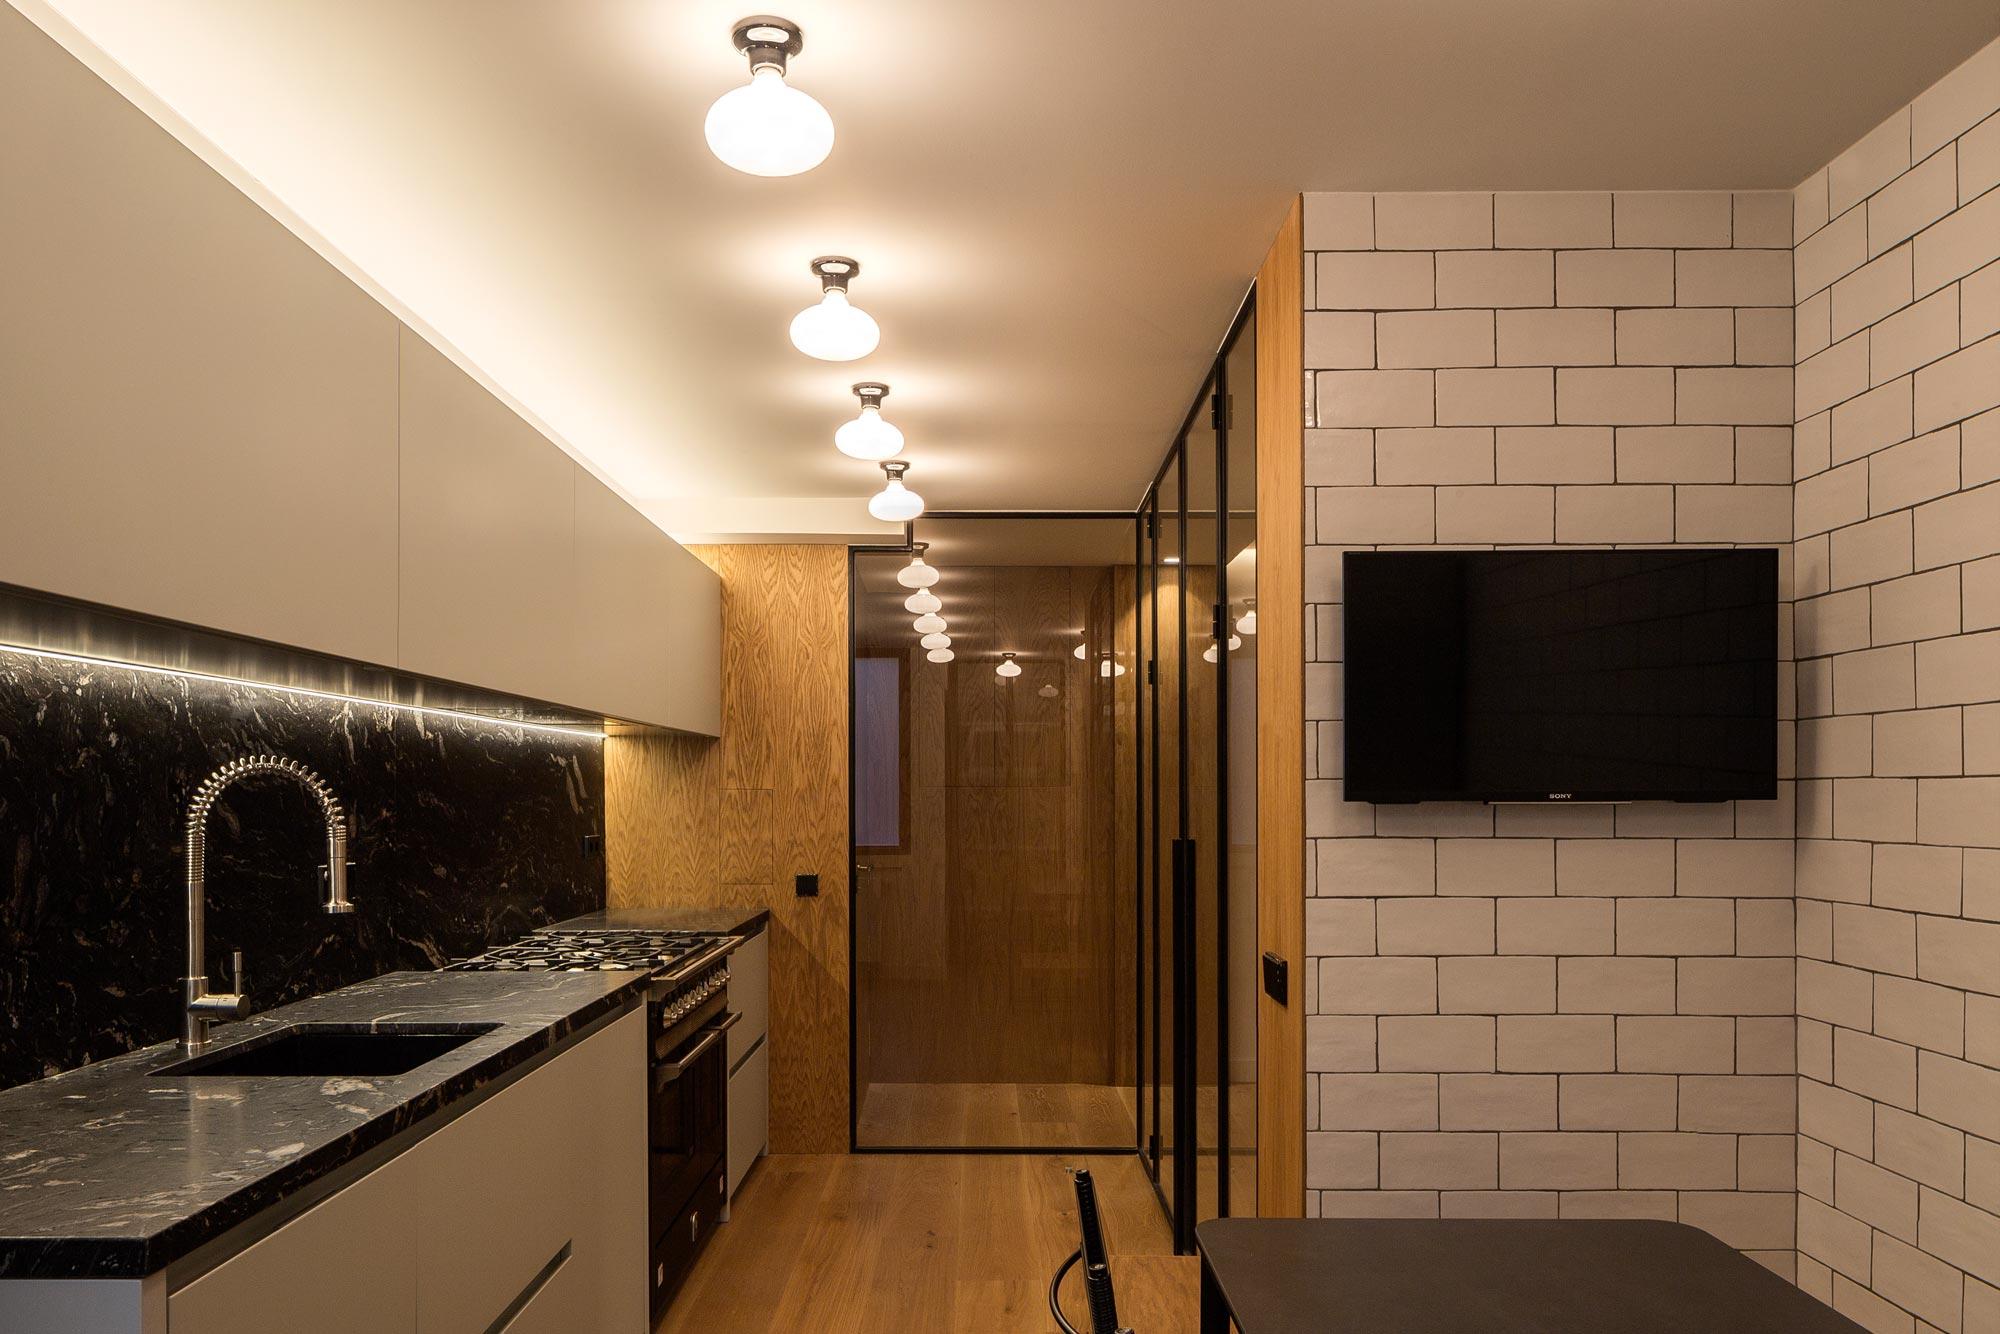 Iluminaci n de casas vivienda unifamiliar retiro light studio - Casas de iluminacion ...